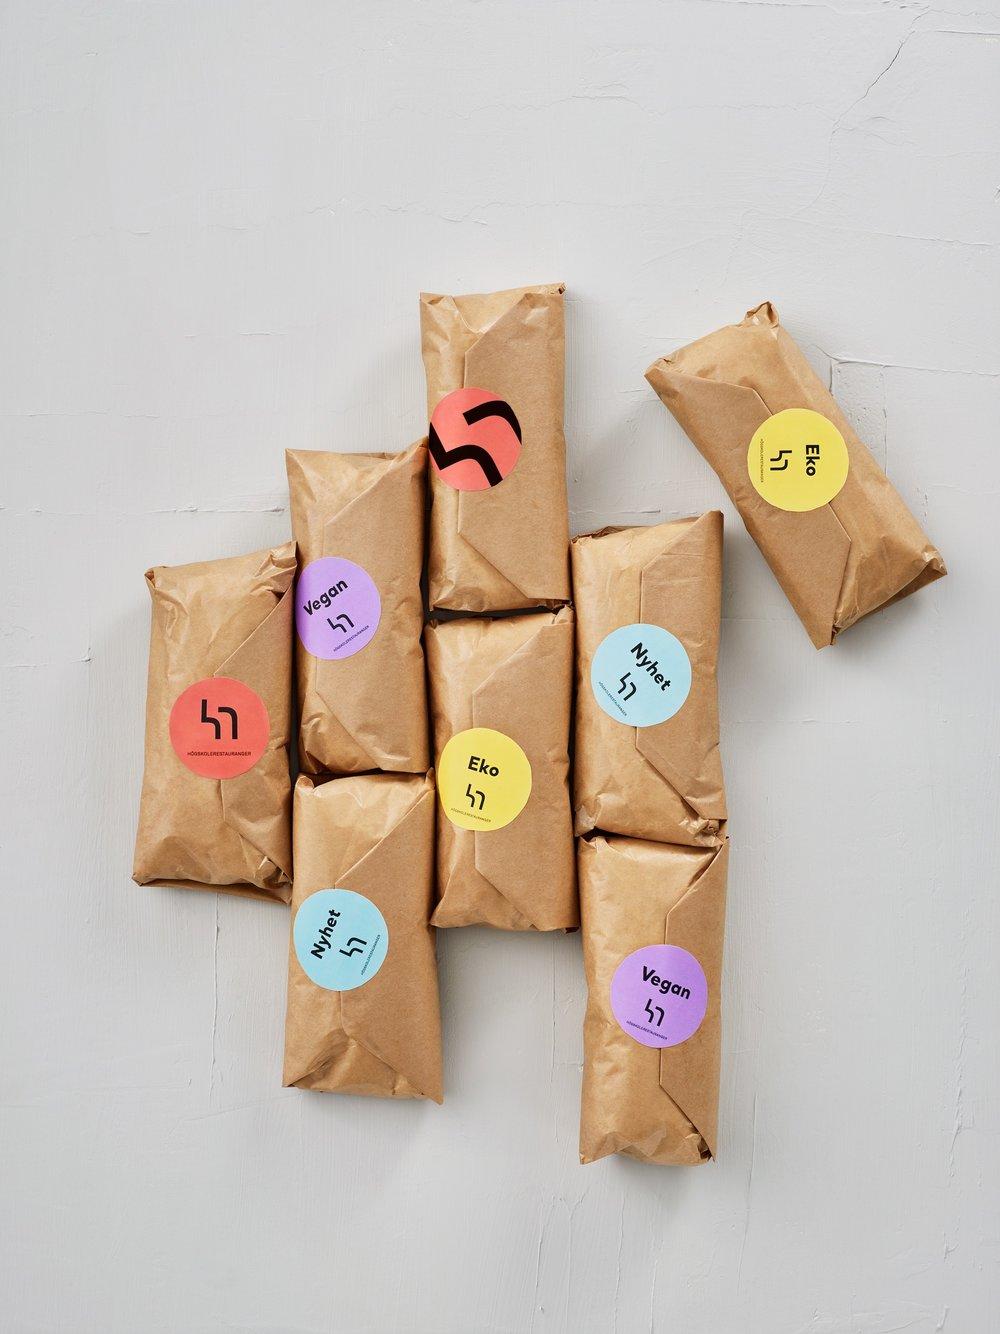 Hörs_Packaging.jpg